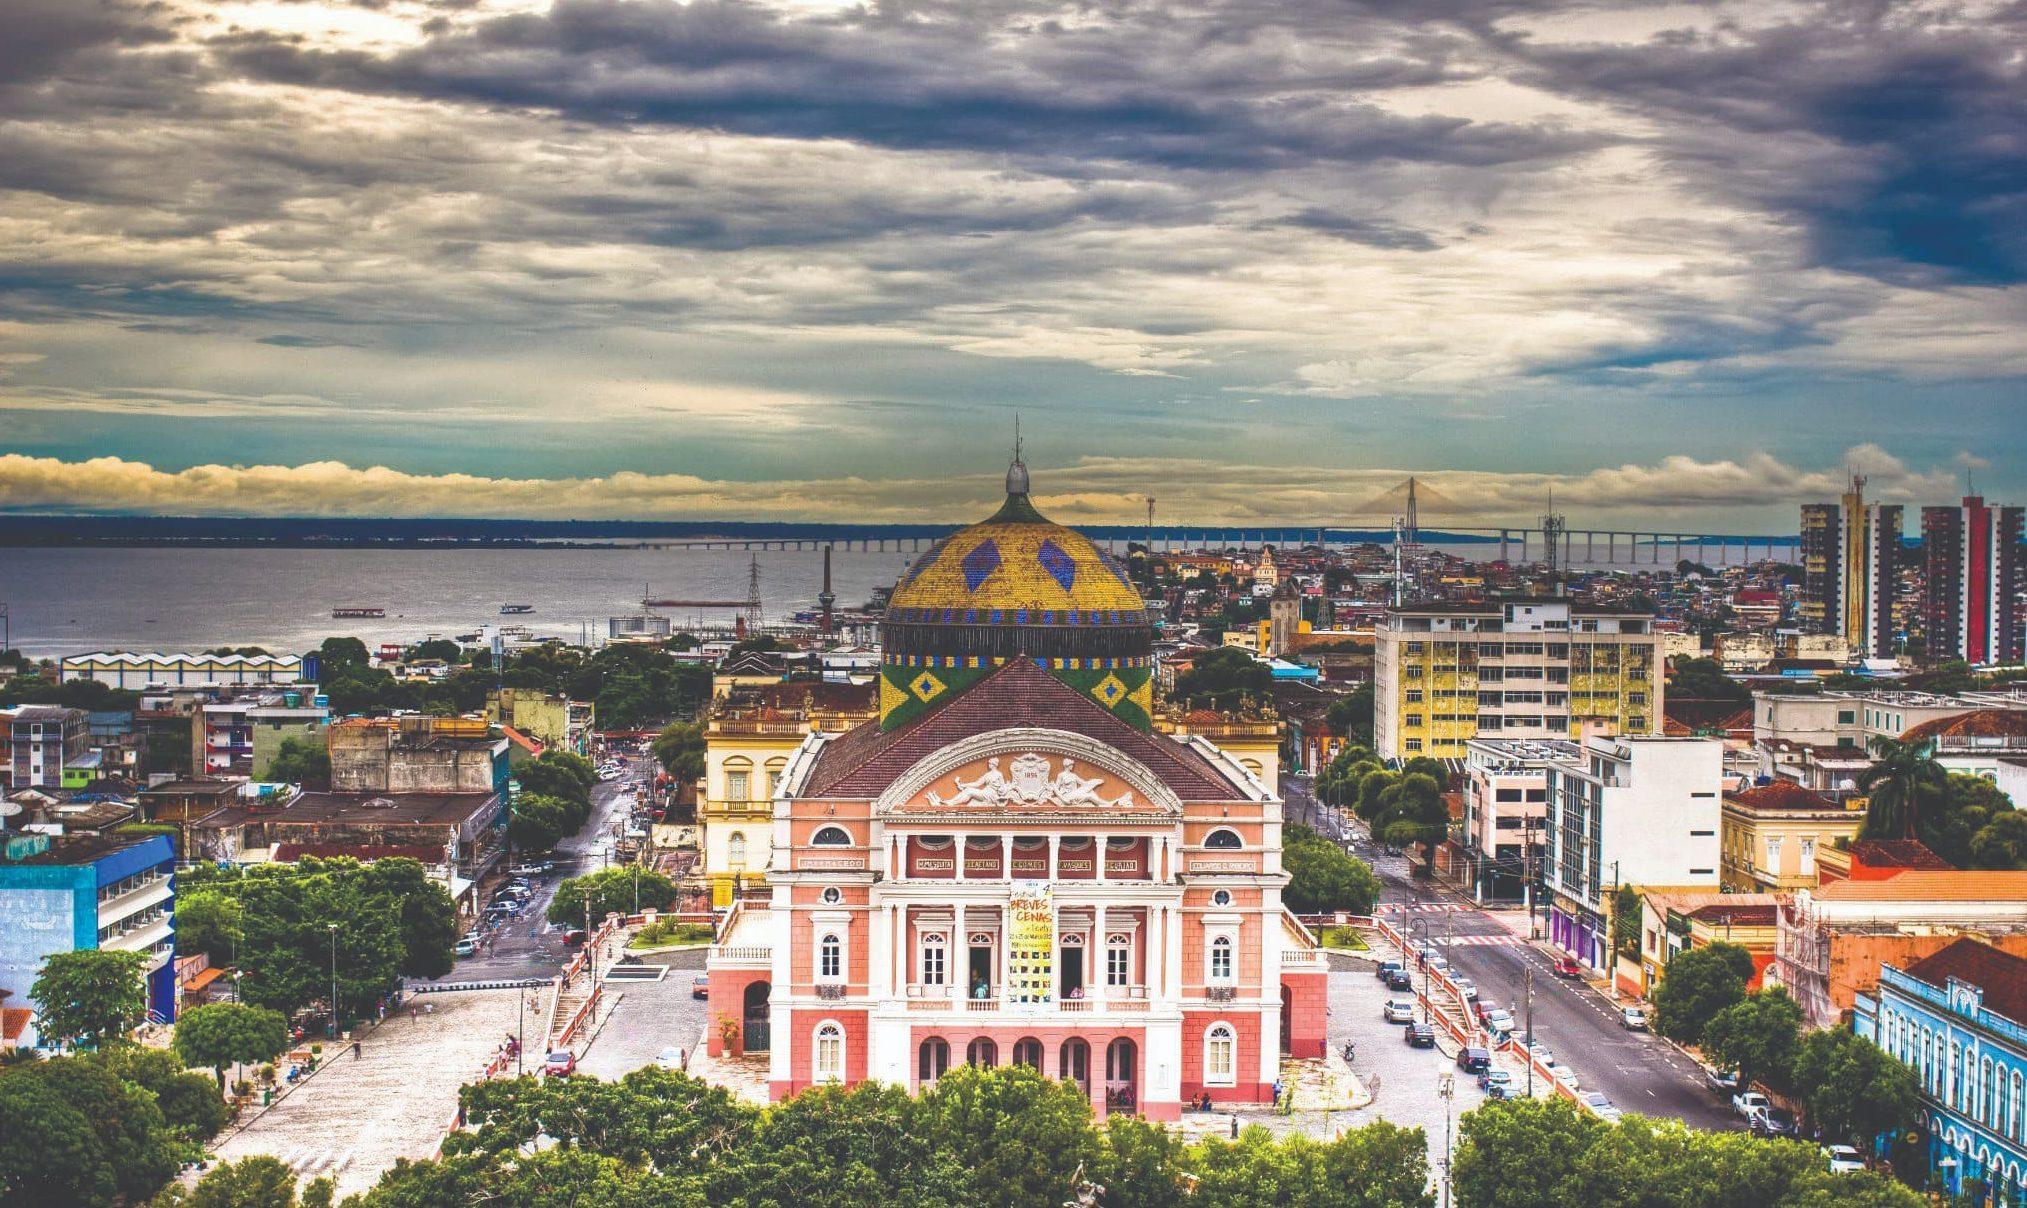 Rodeada pela floresta amazônica e um mar de água doce, Manaus é o ponto de partida para aventuras selvagens